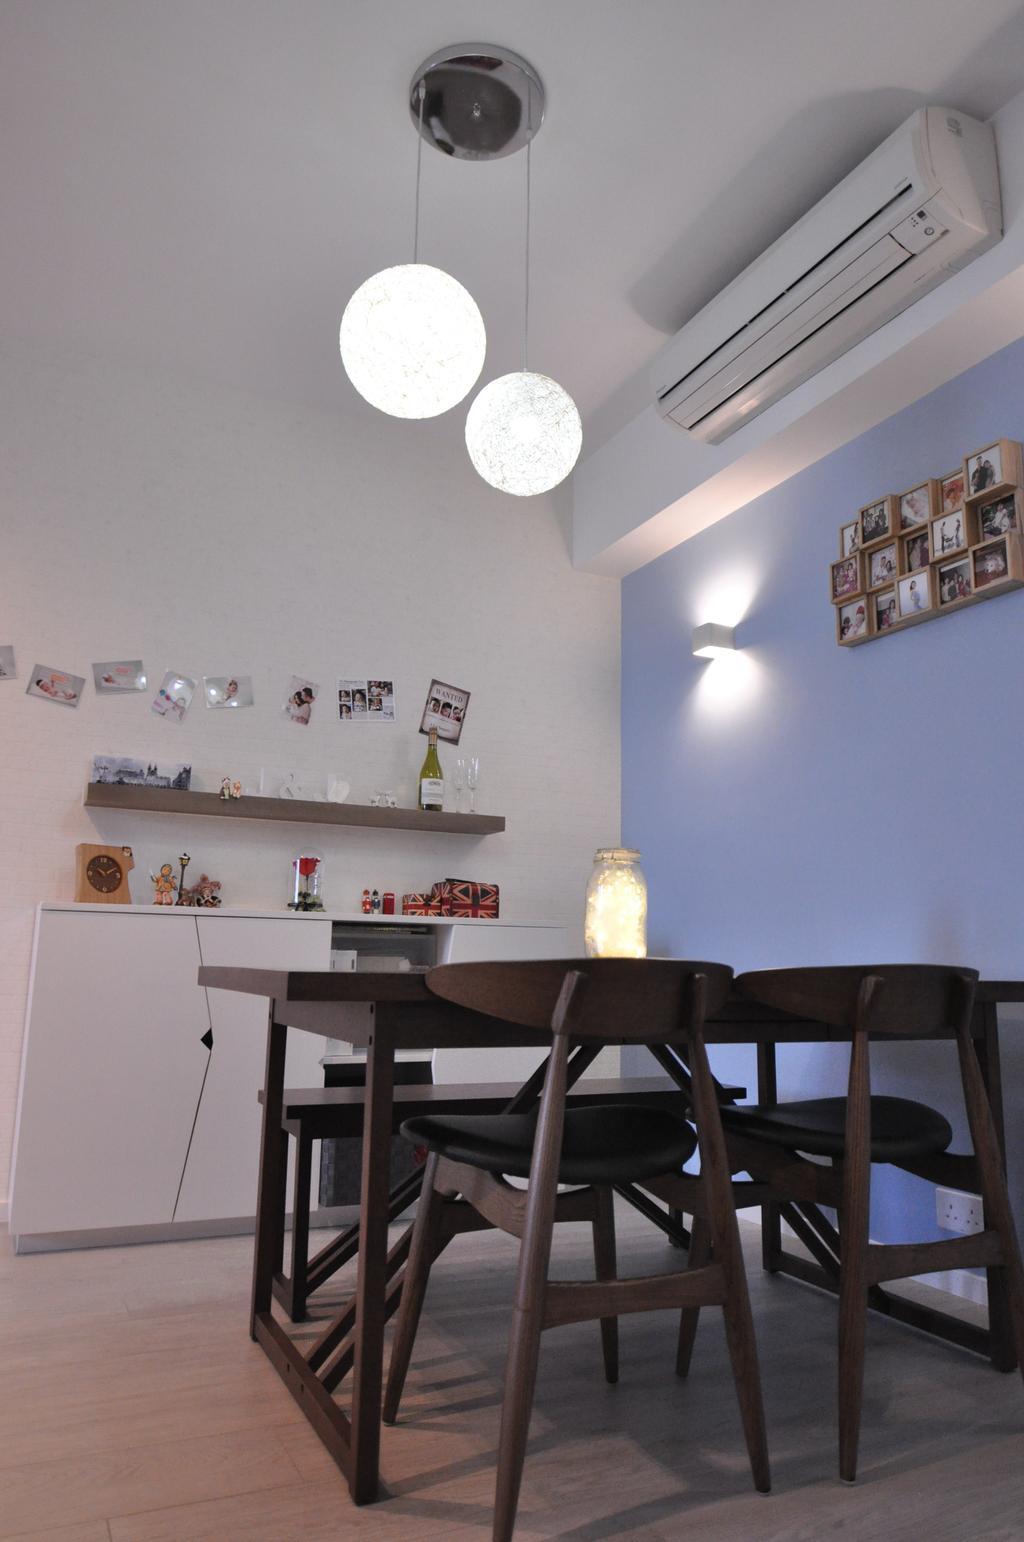 摩登, 私家樓, 飯廳, 浪澄灣, 室內設計師, Mister Glory, Chair, Furniture, Couch, Indoors, Interior Design, Room, Bottle